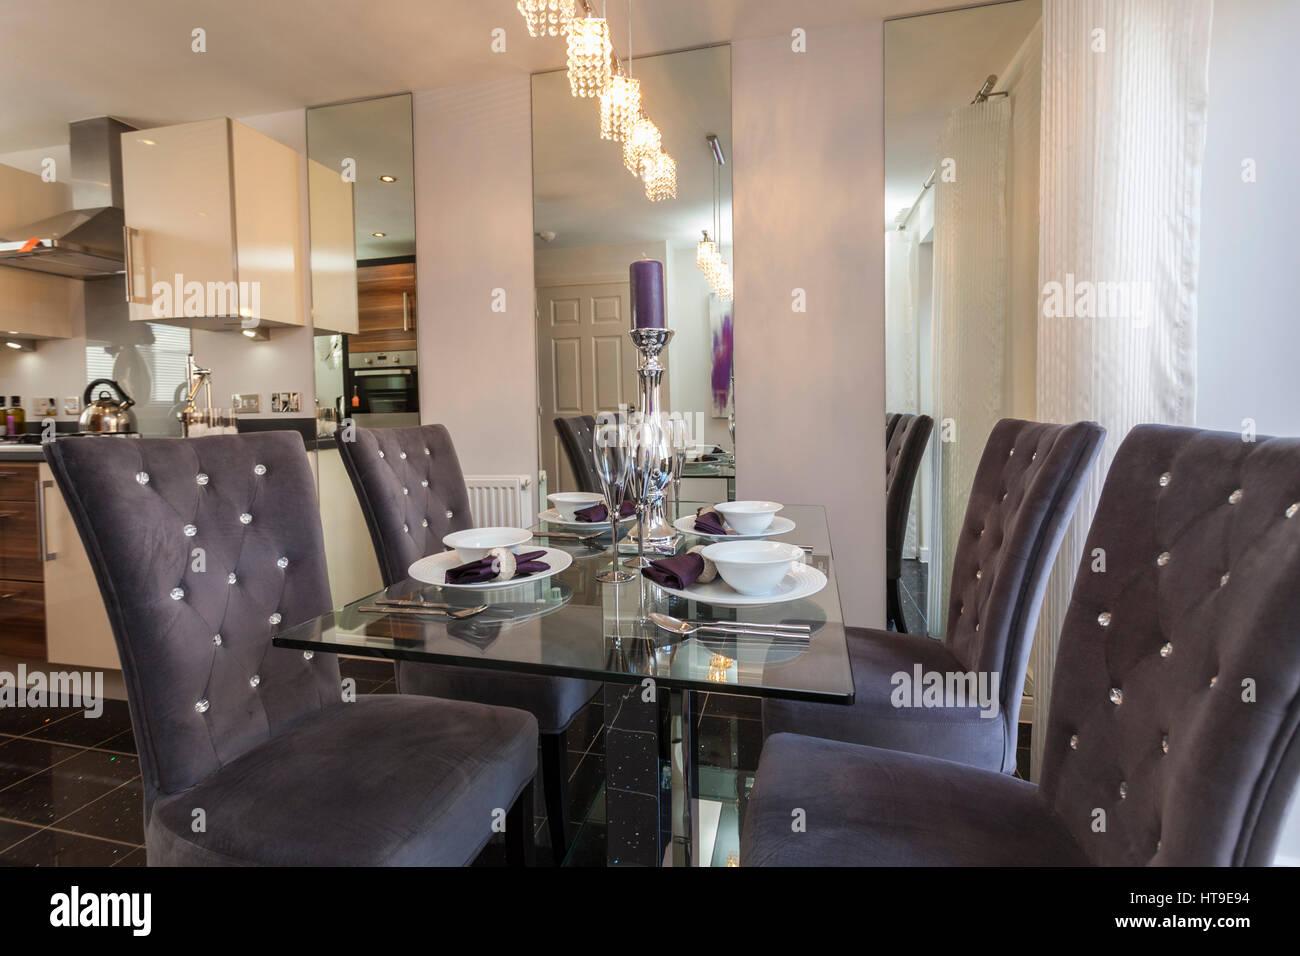 Wohnlandschaft Kuche Diner Lila Grau Glas Tisch Tisch Gelegt